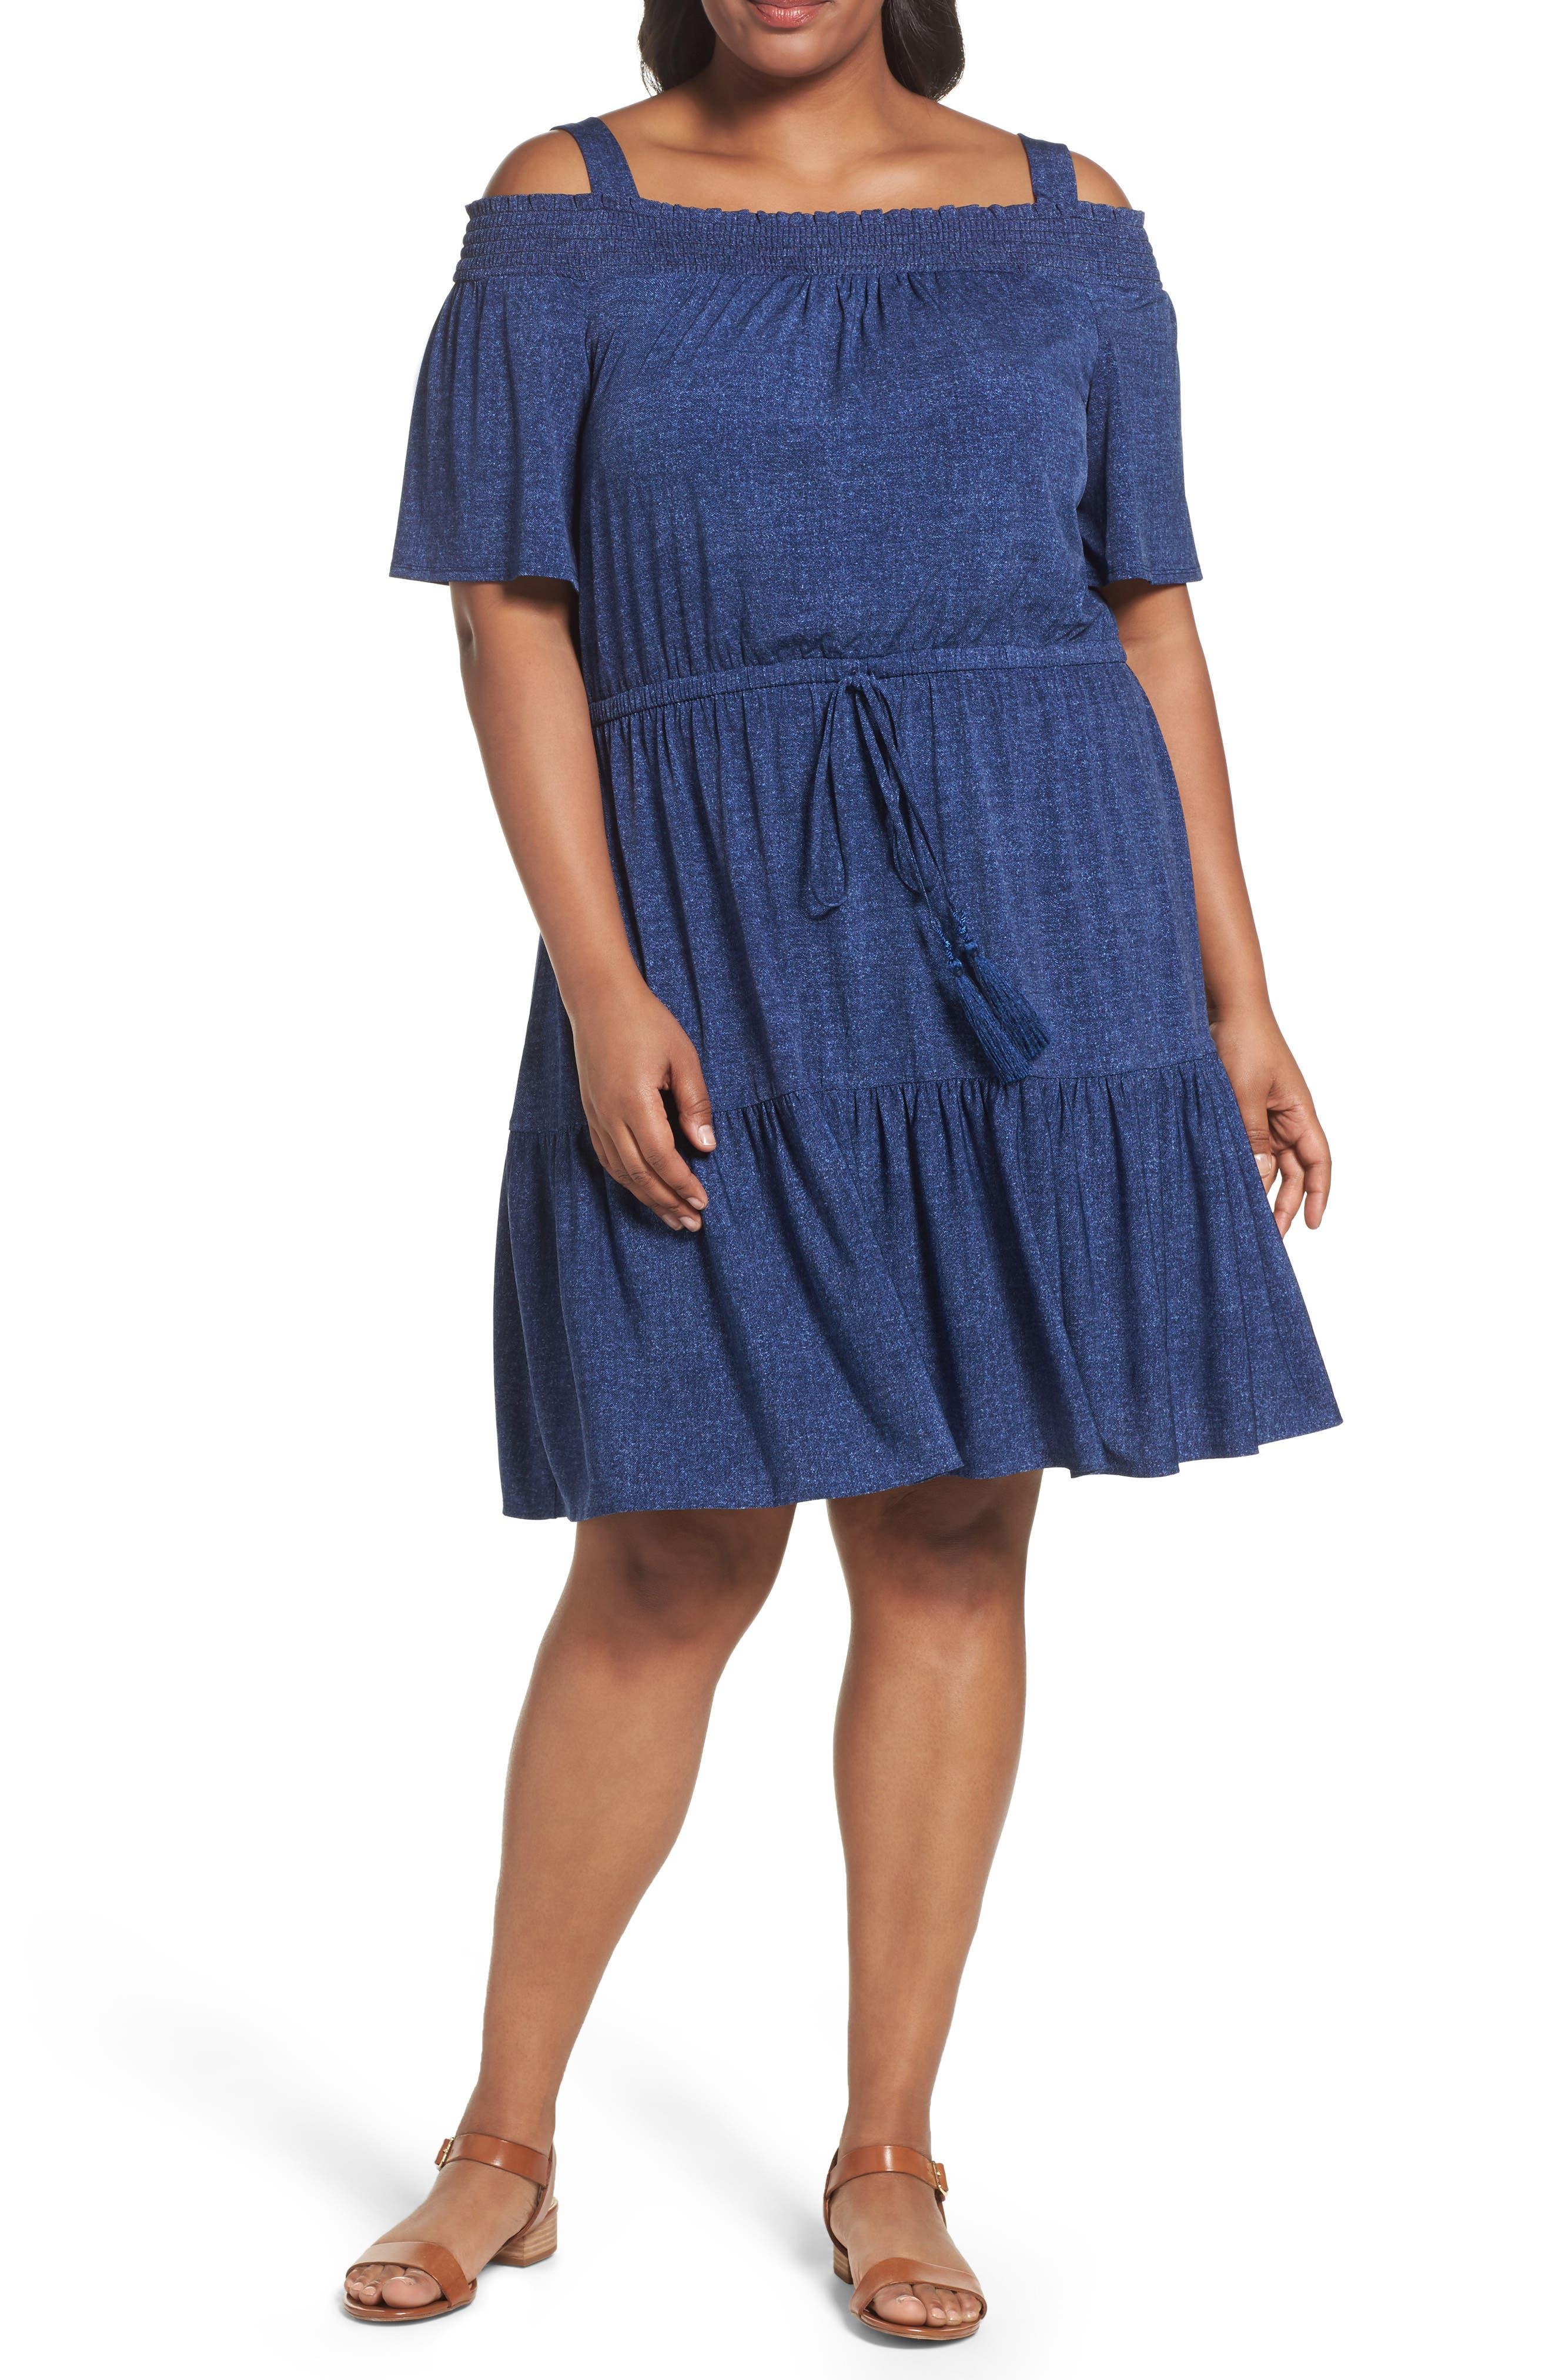 Main Image - London Times Cold Shoulder Blouson Dress (Plus Size)